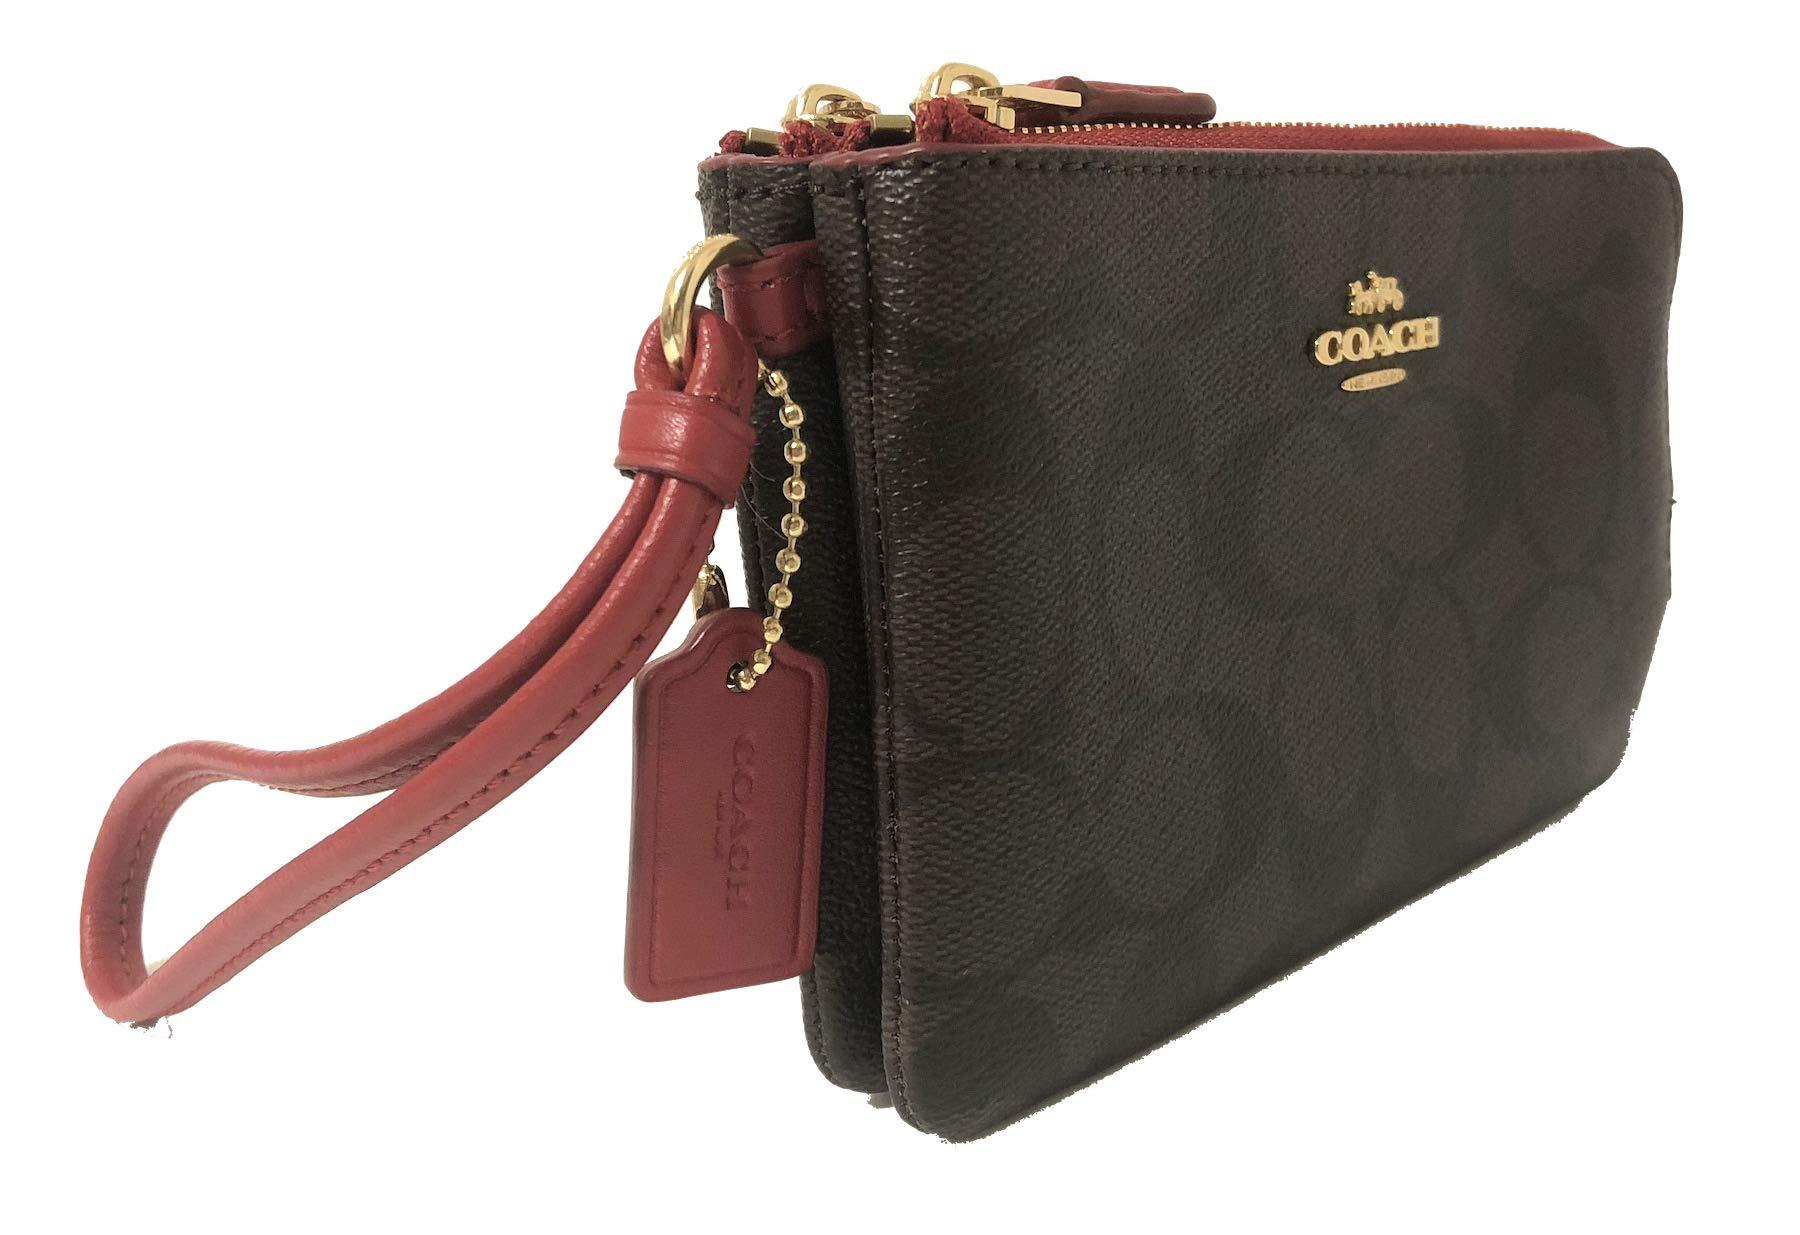 Coach Signature PVC Double Corner Zip Wristlet Wallet